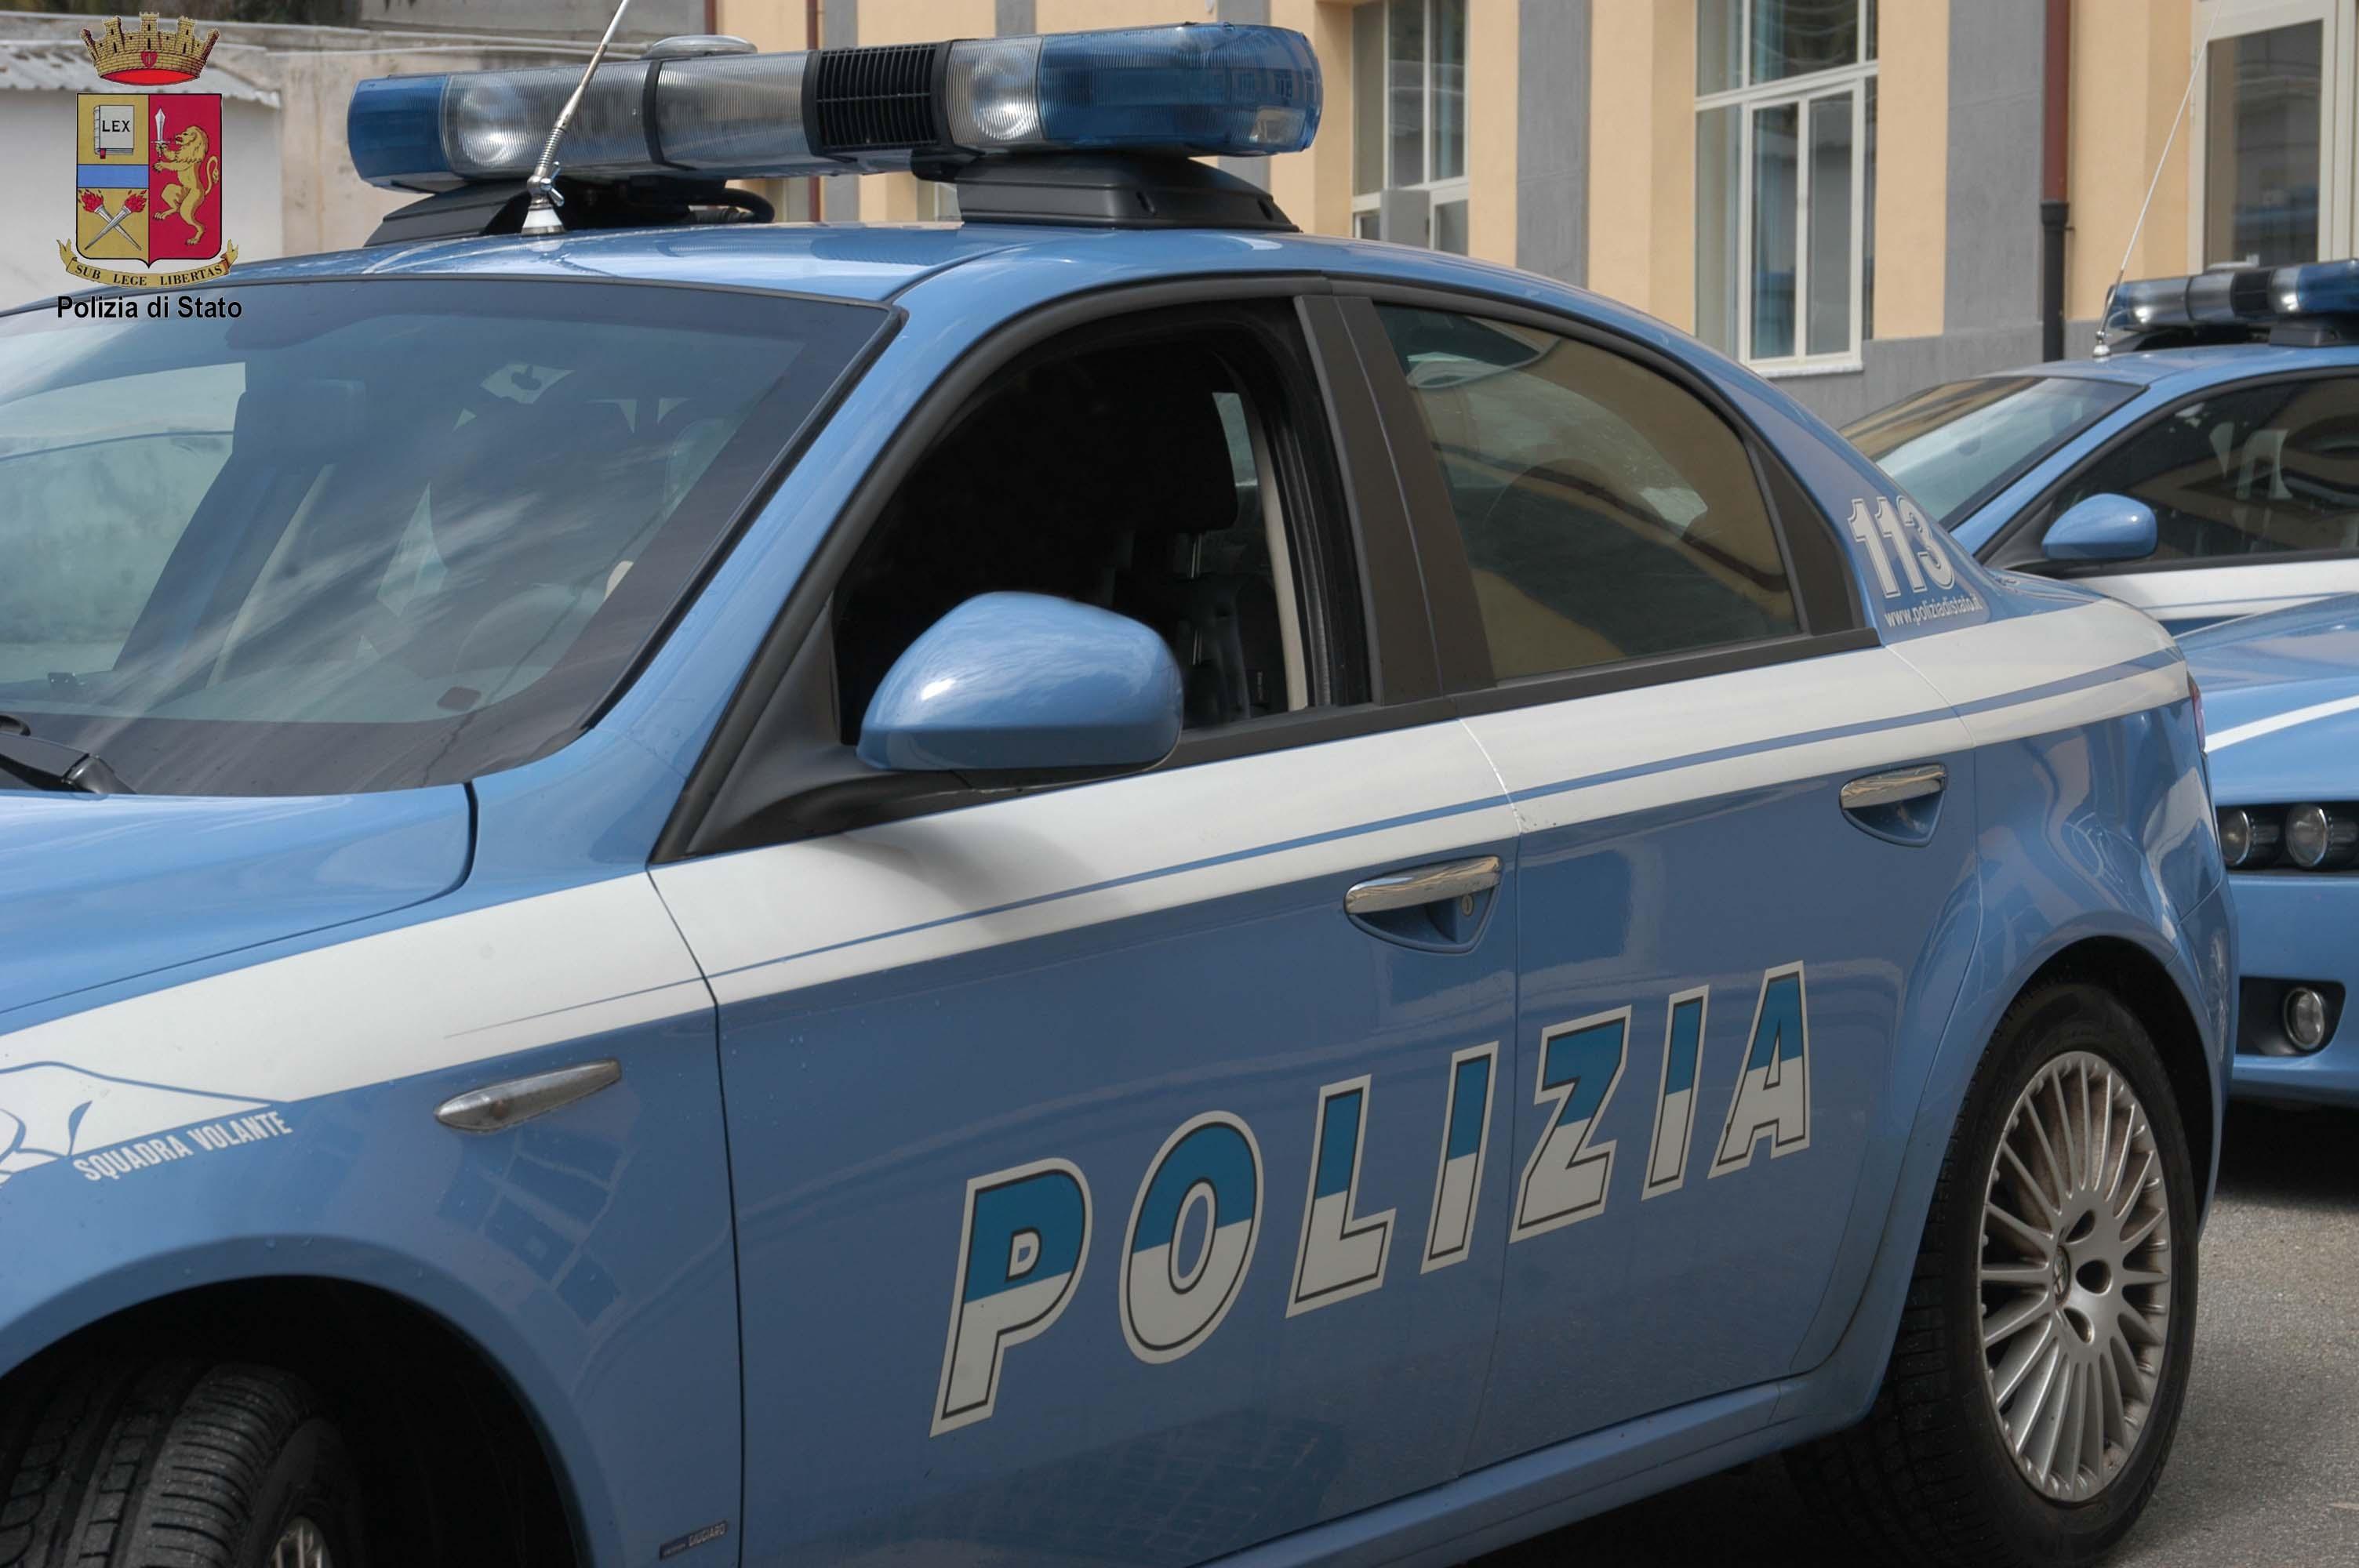 Report consuntivo dell'attività svolta dalla Polizia in Provincia di Trapani dal 21 al 27 ottobre